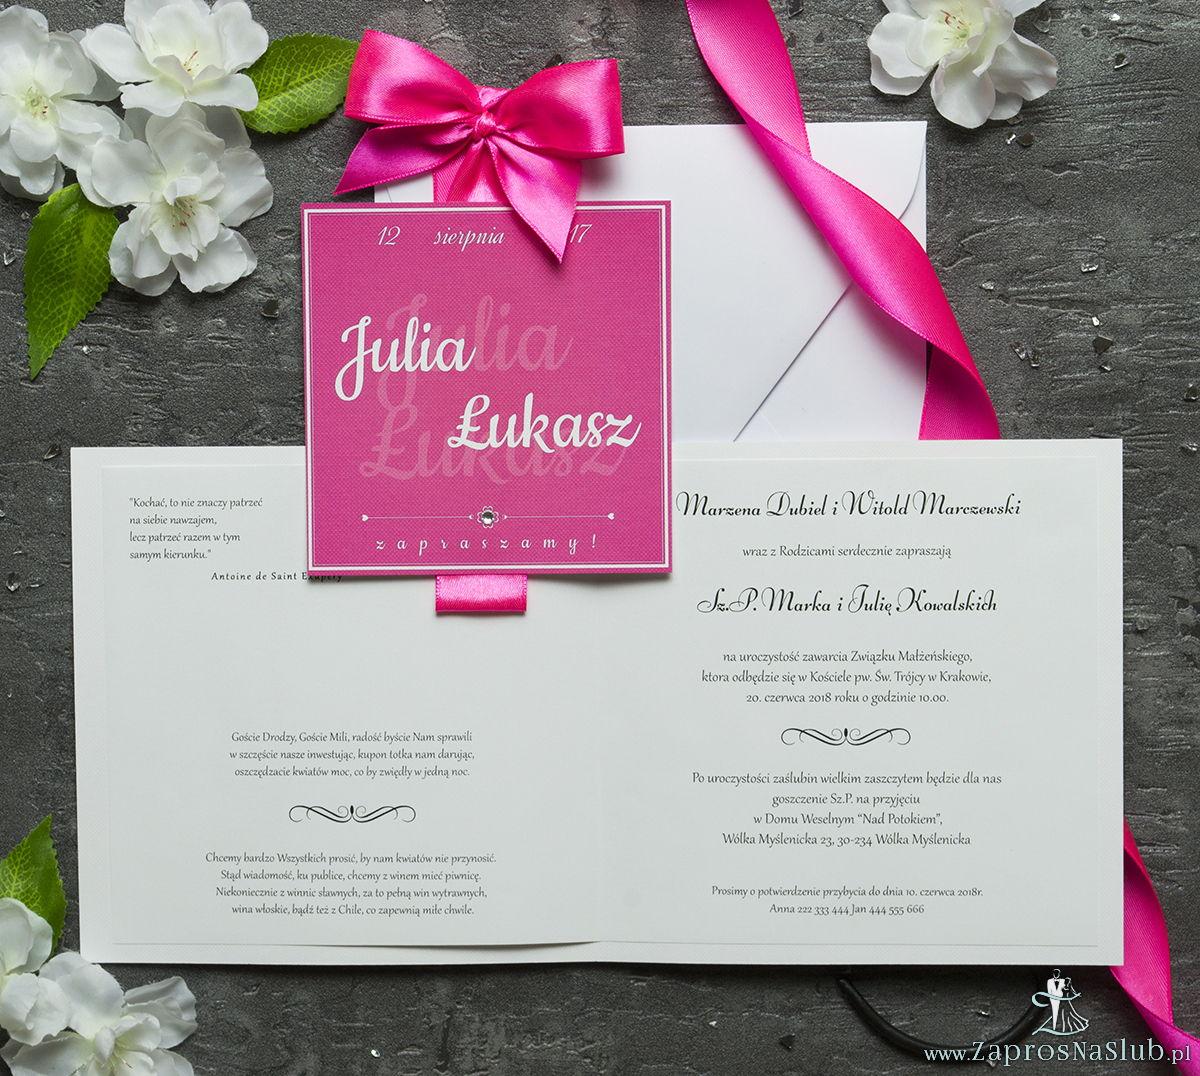 Zaproszenia ślubne na białym papierze z fakturą ryps, ze wstążką w kolorze intensywnego różu i cyrkonią oraz wklejanym wnętrzem. ZAP-61-68